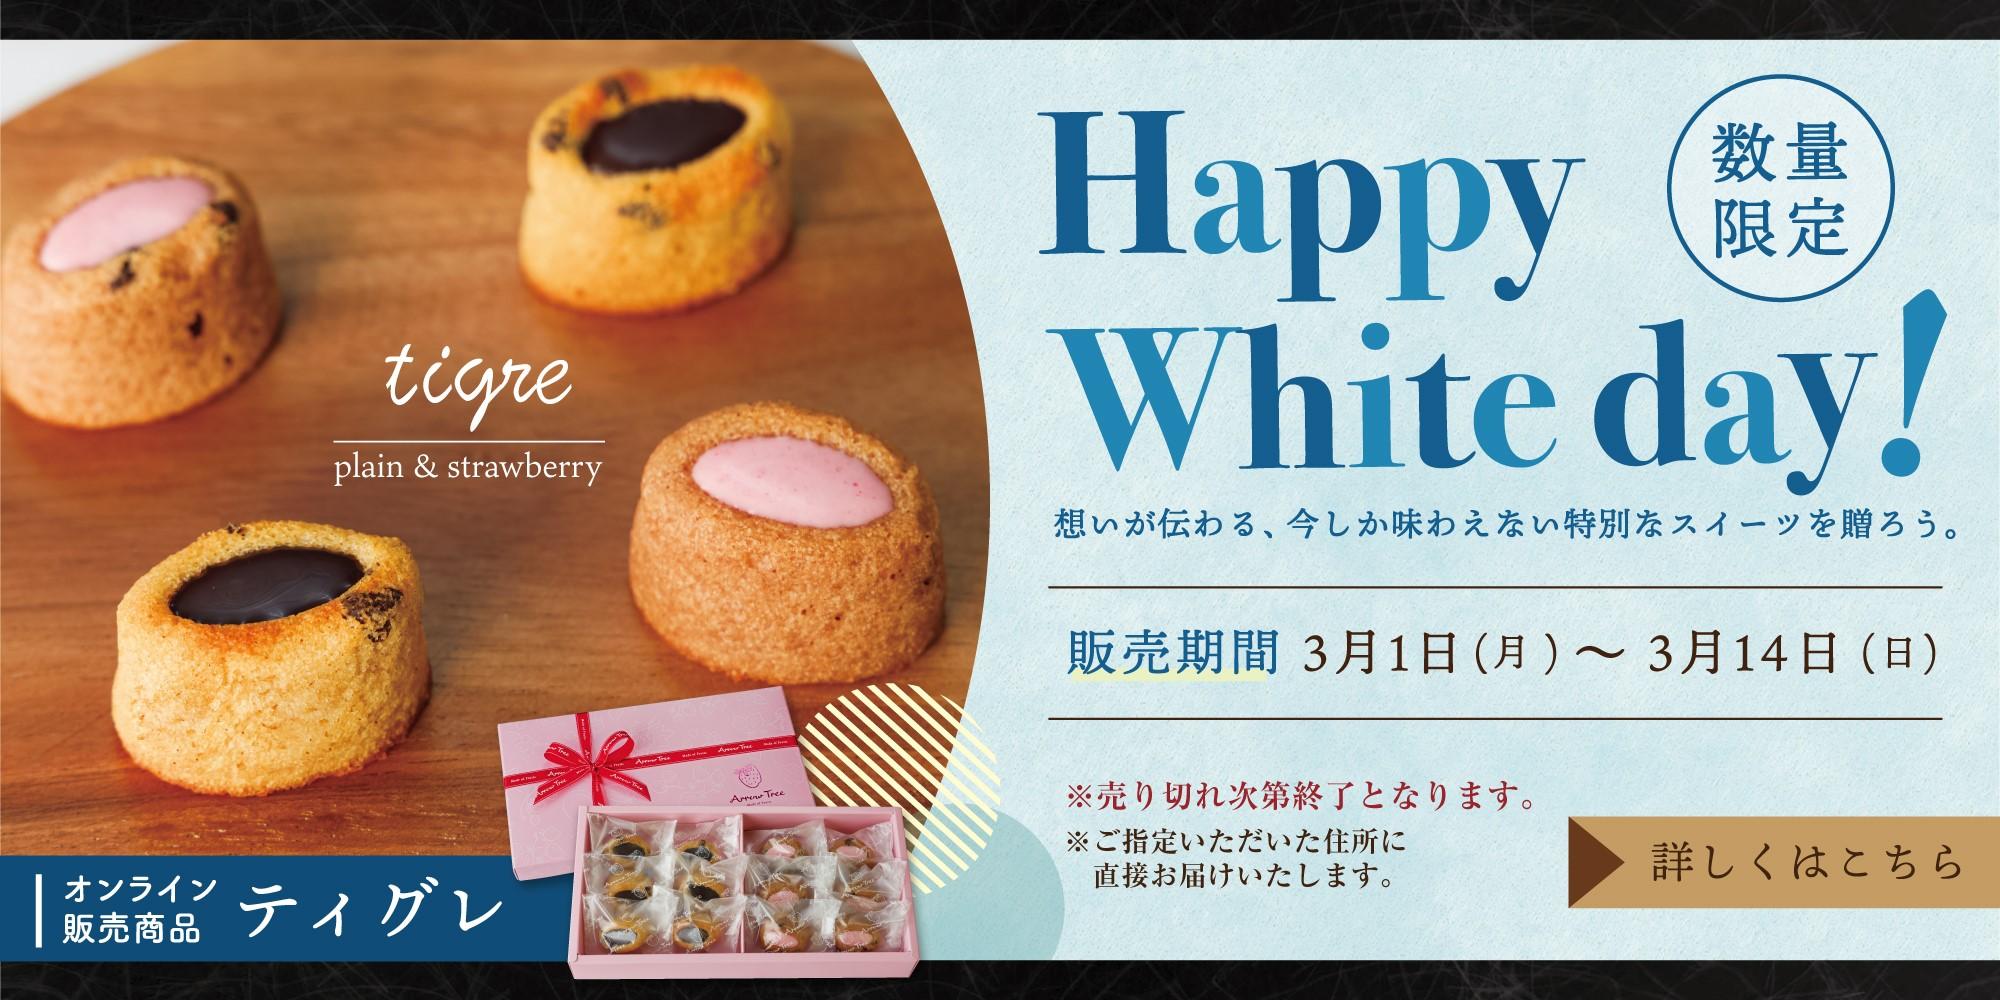 ホワイトデー商品